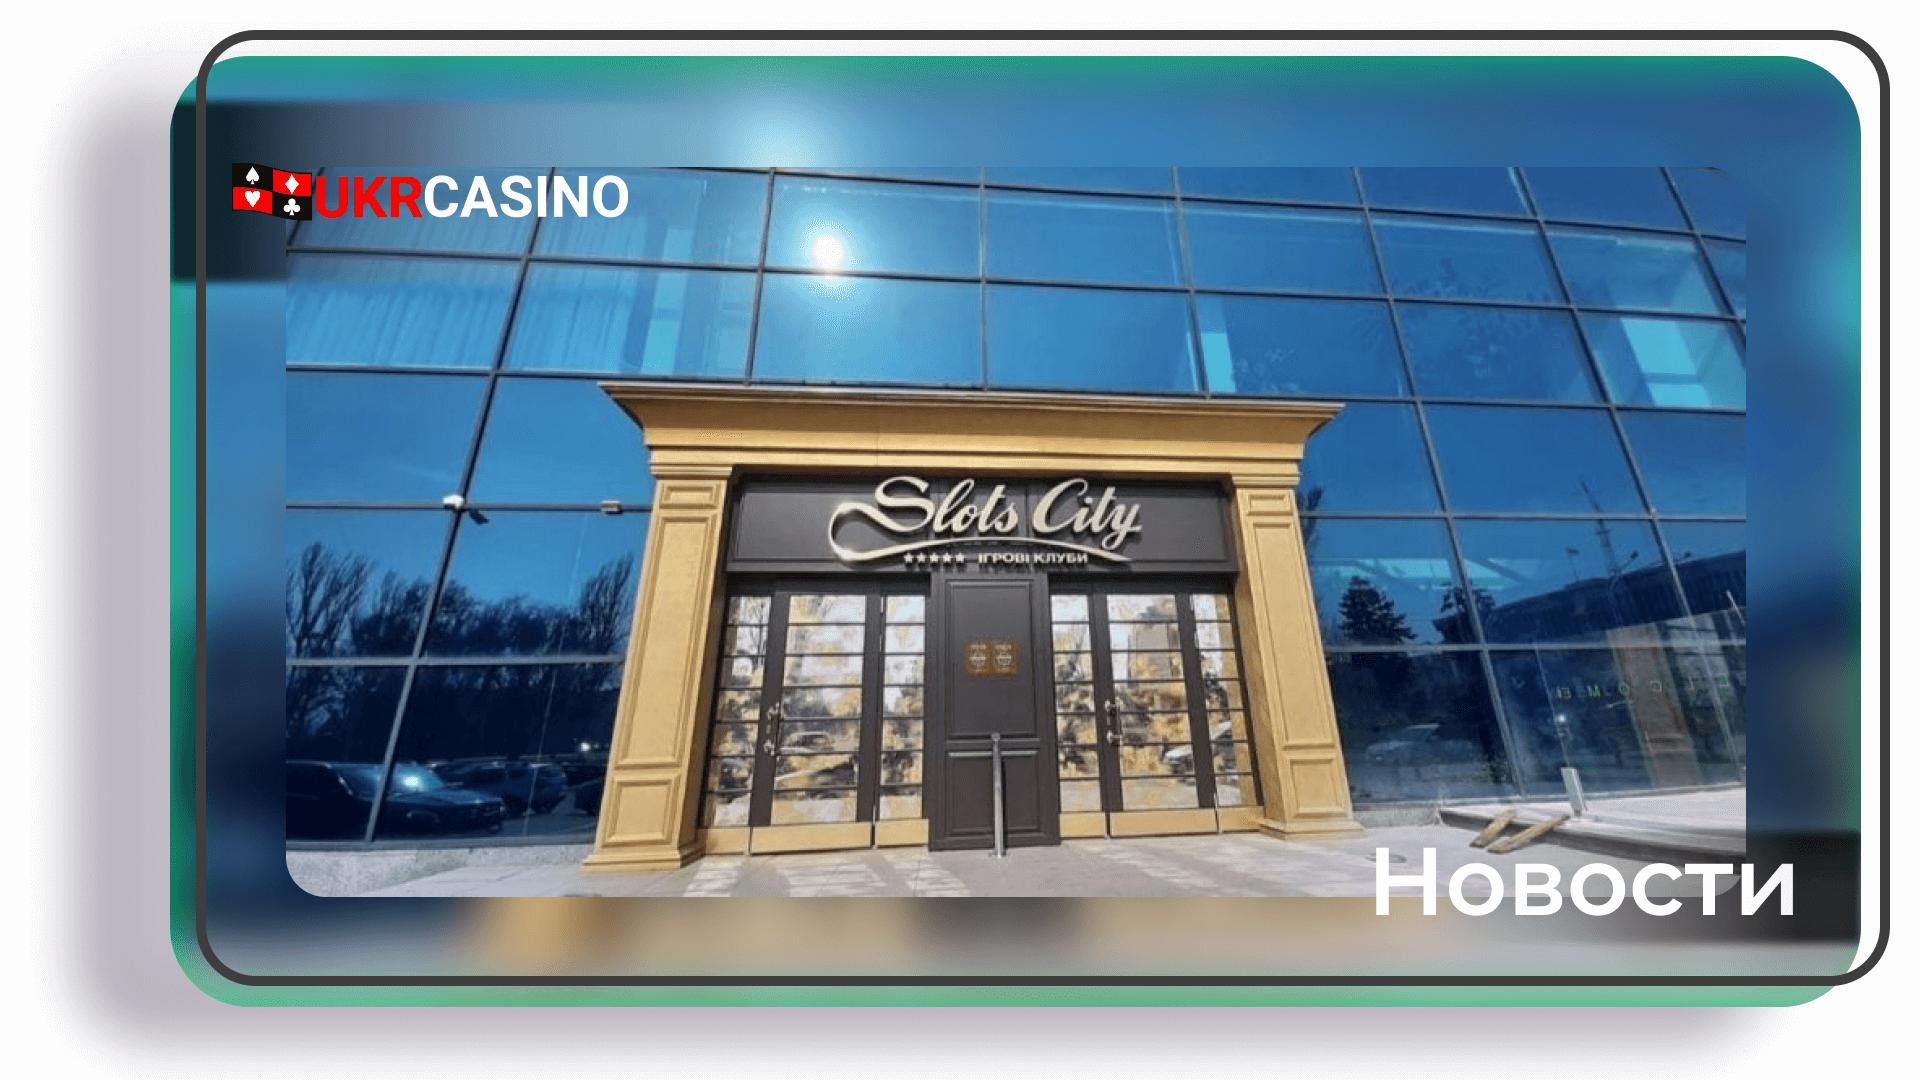 В Запорожье открылся первый лицензированный игровой клуб Slots City